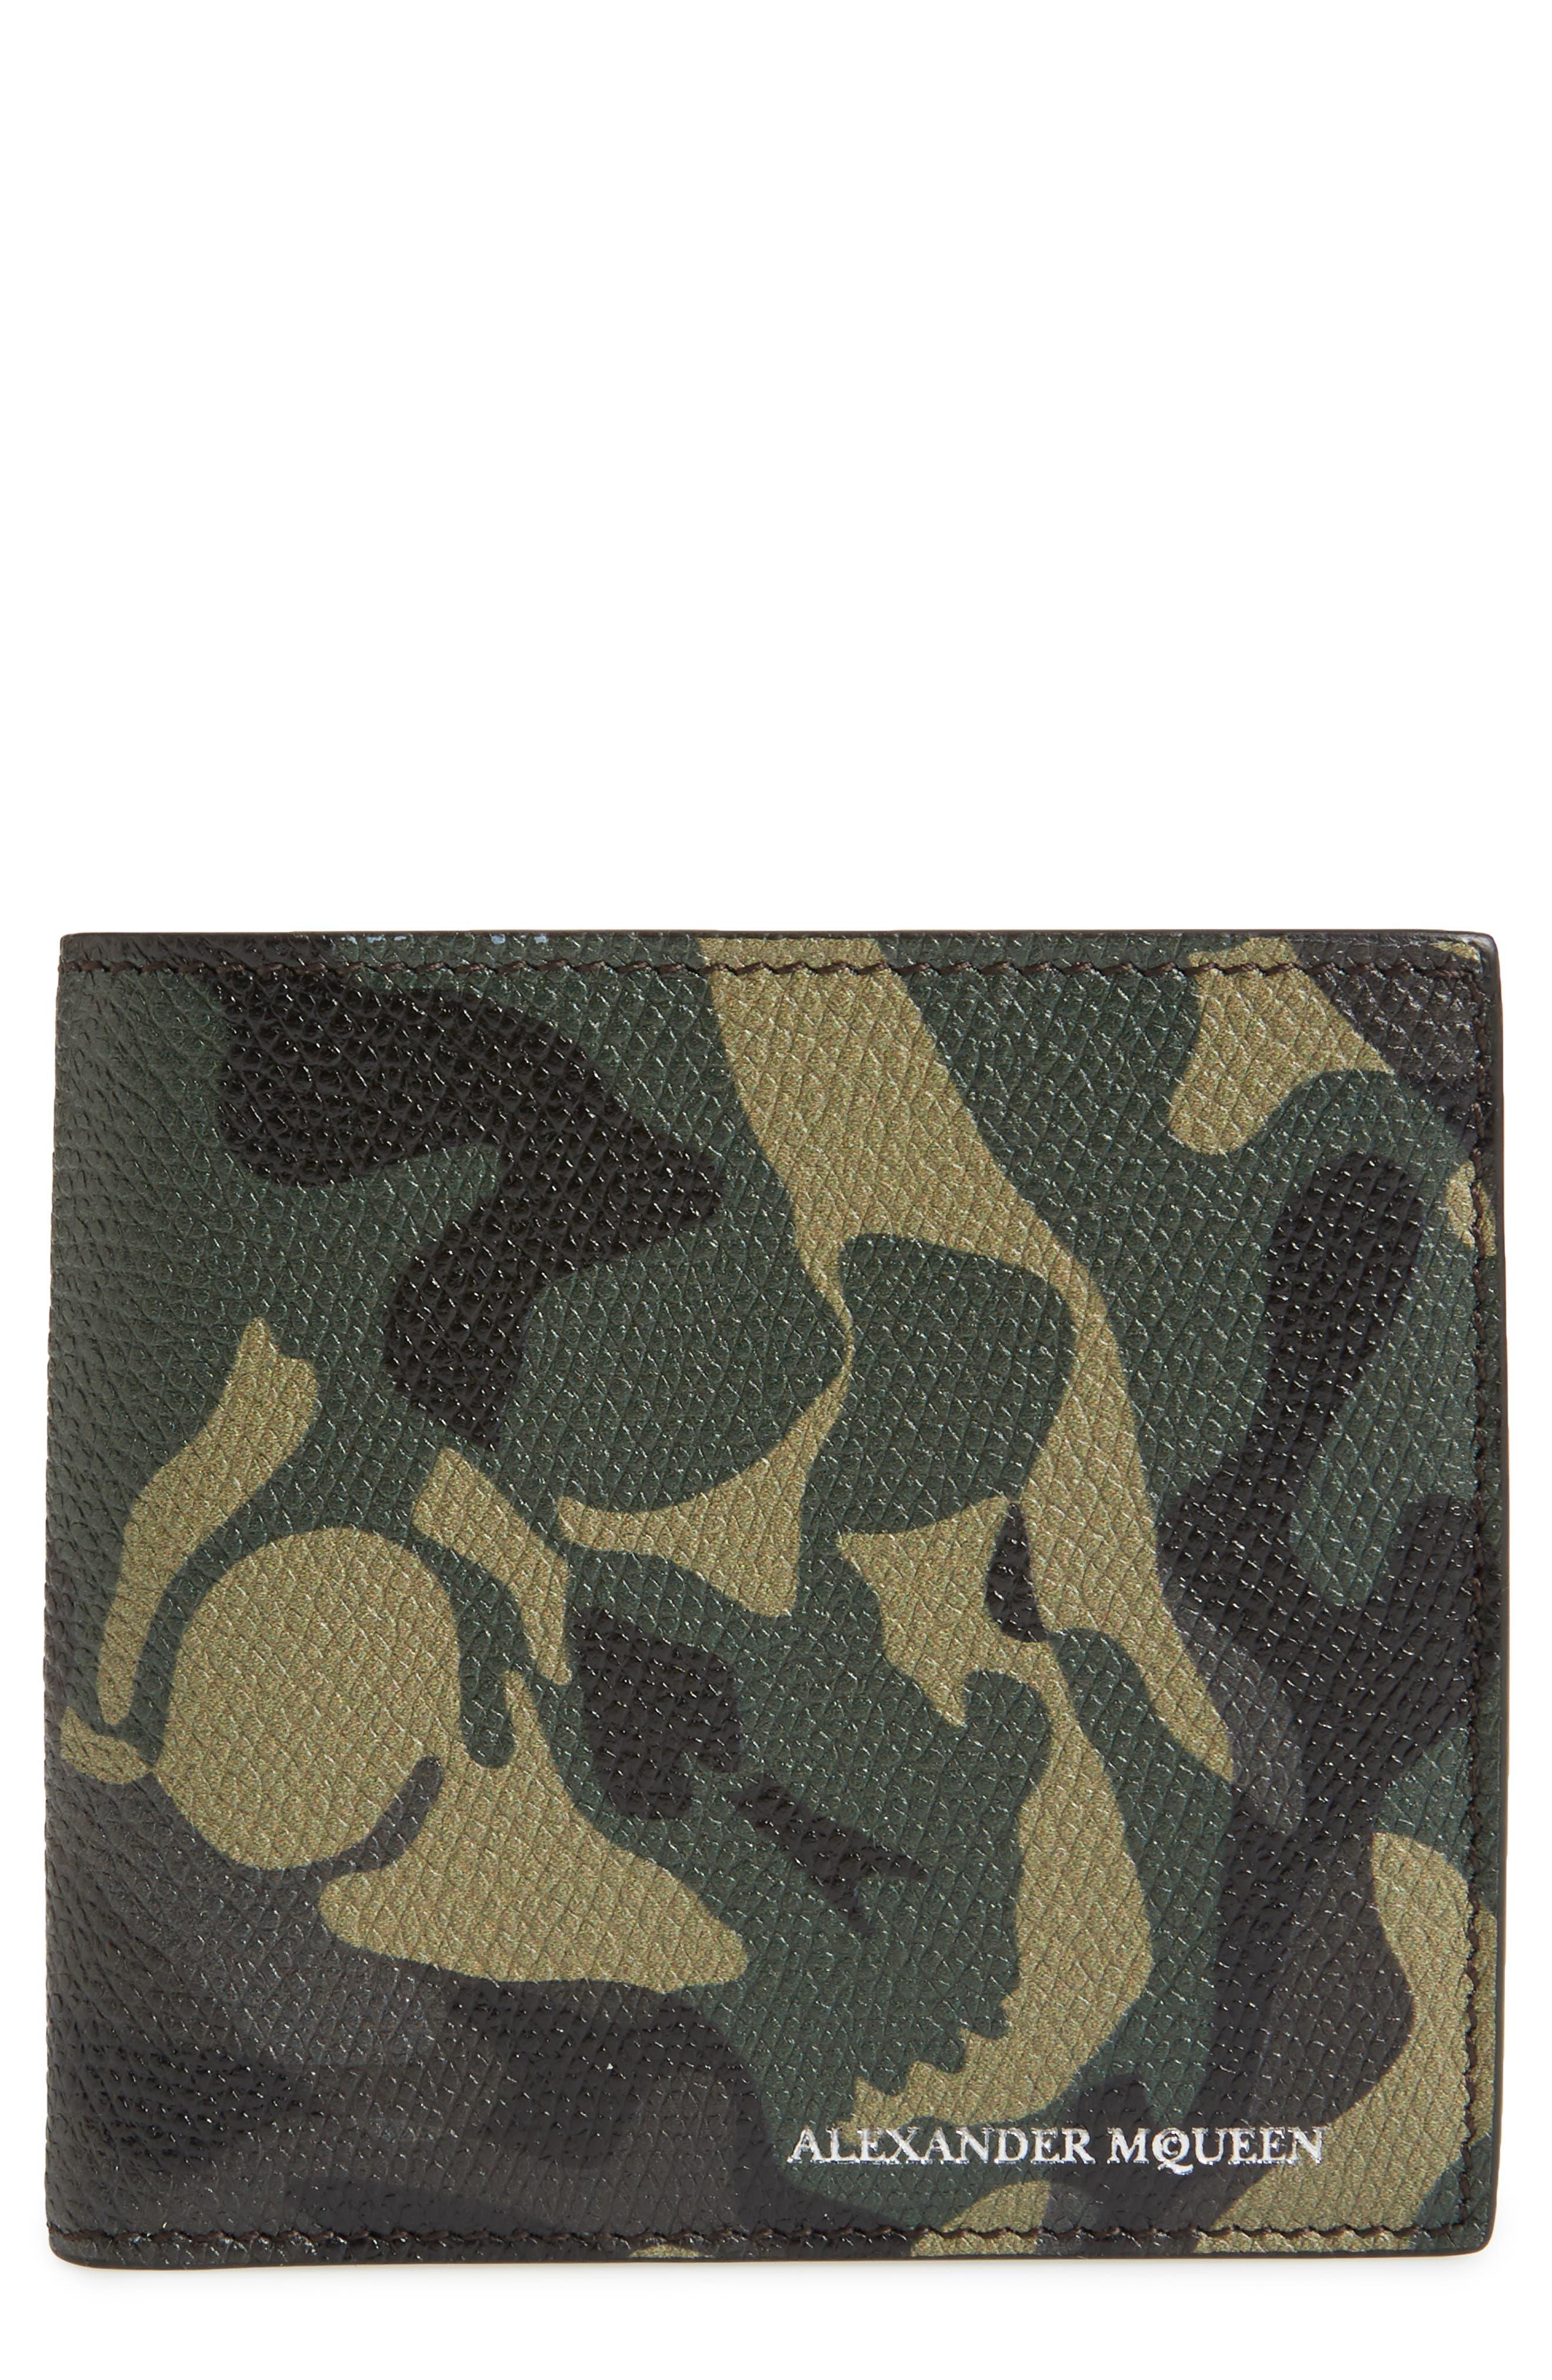 Alexander McQueen Camo Leather Billfold Wallet